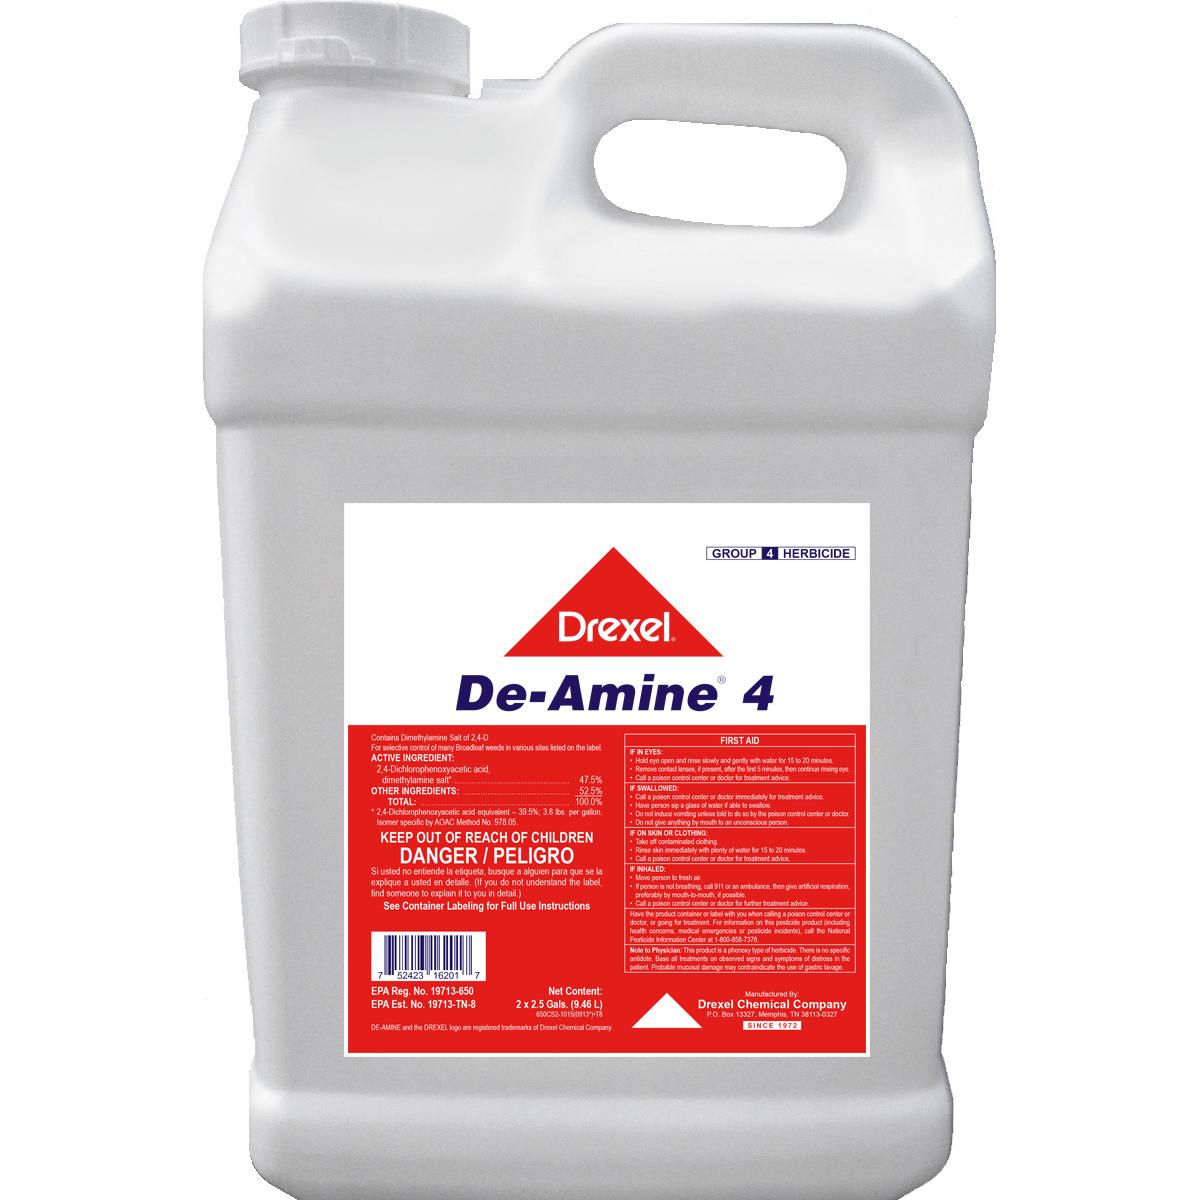 De-Amine 4 Weed Killer